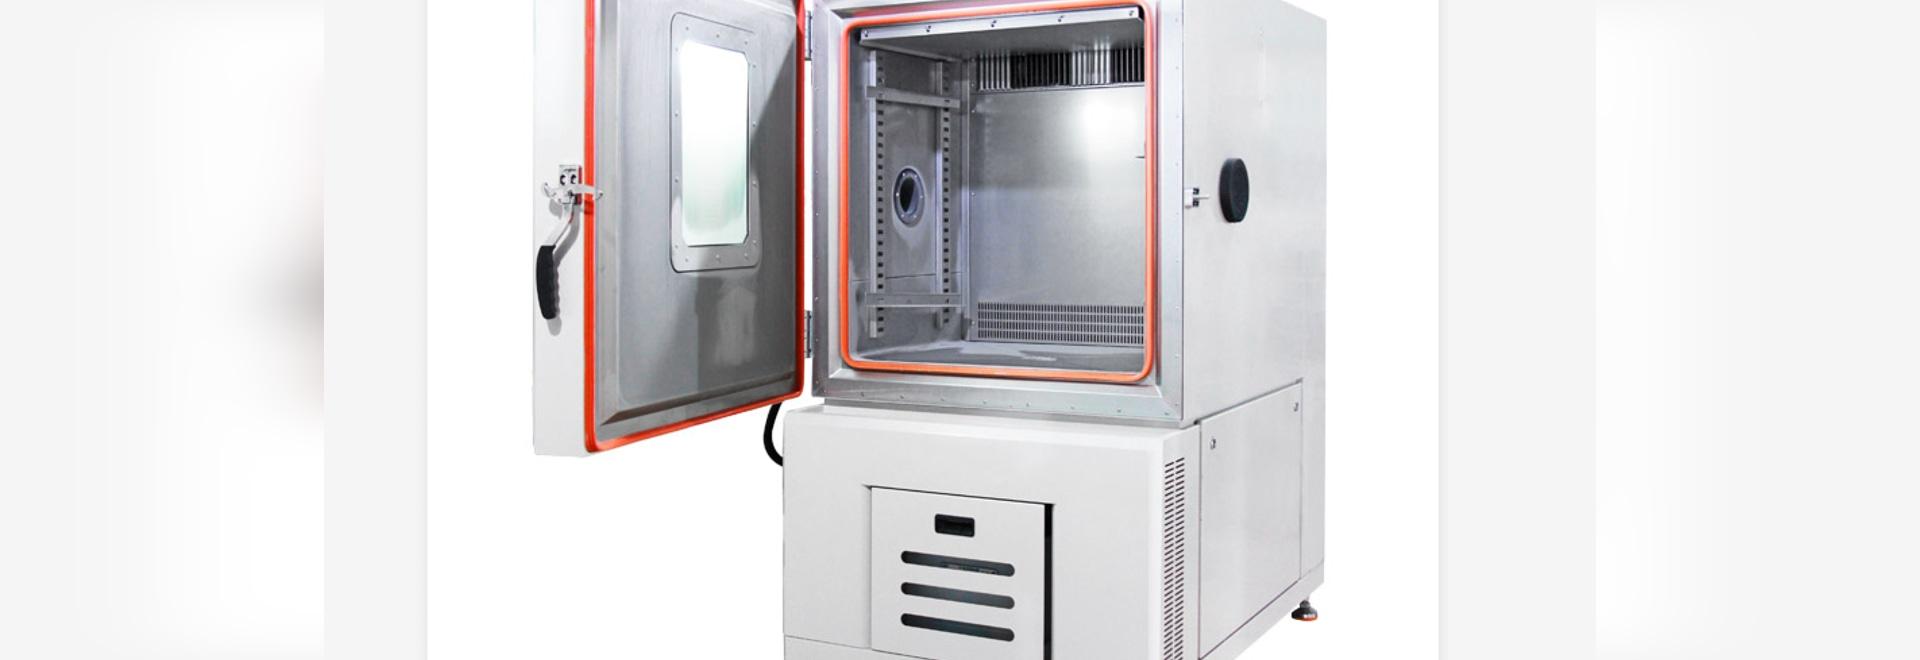 Vue d'ouverture de la chambre d'essai de température et d'humidité